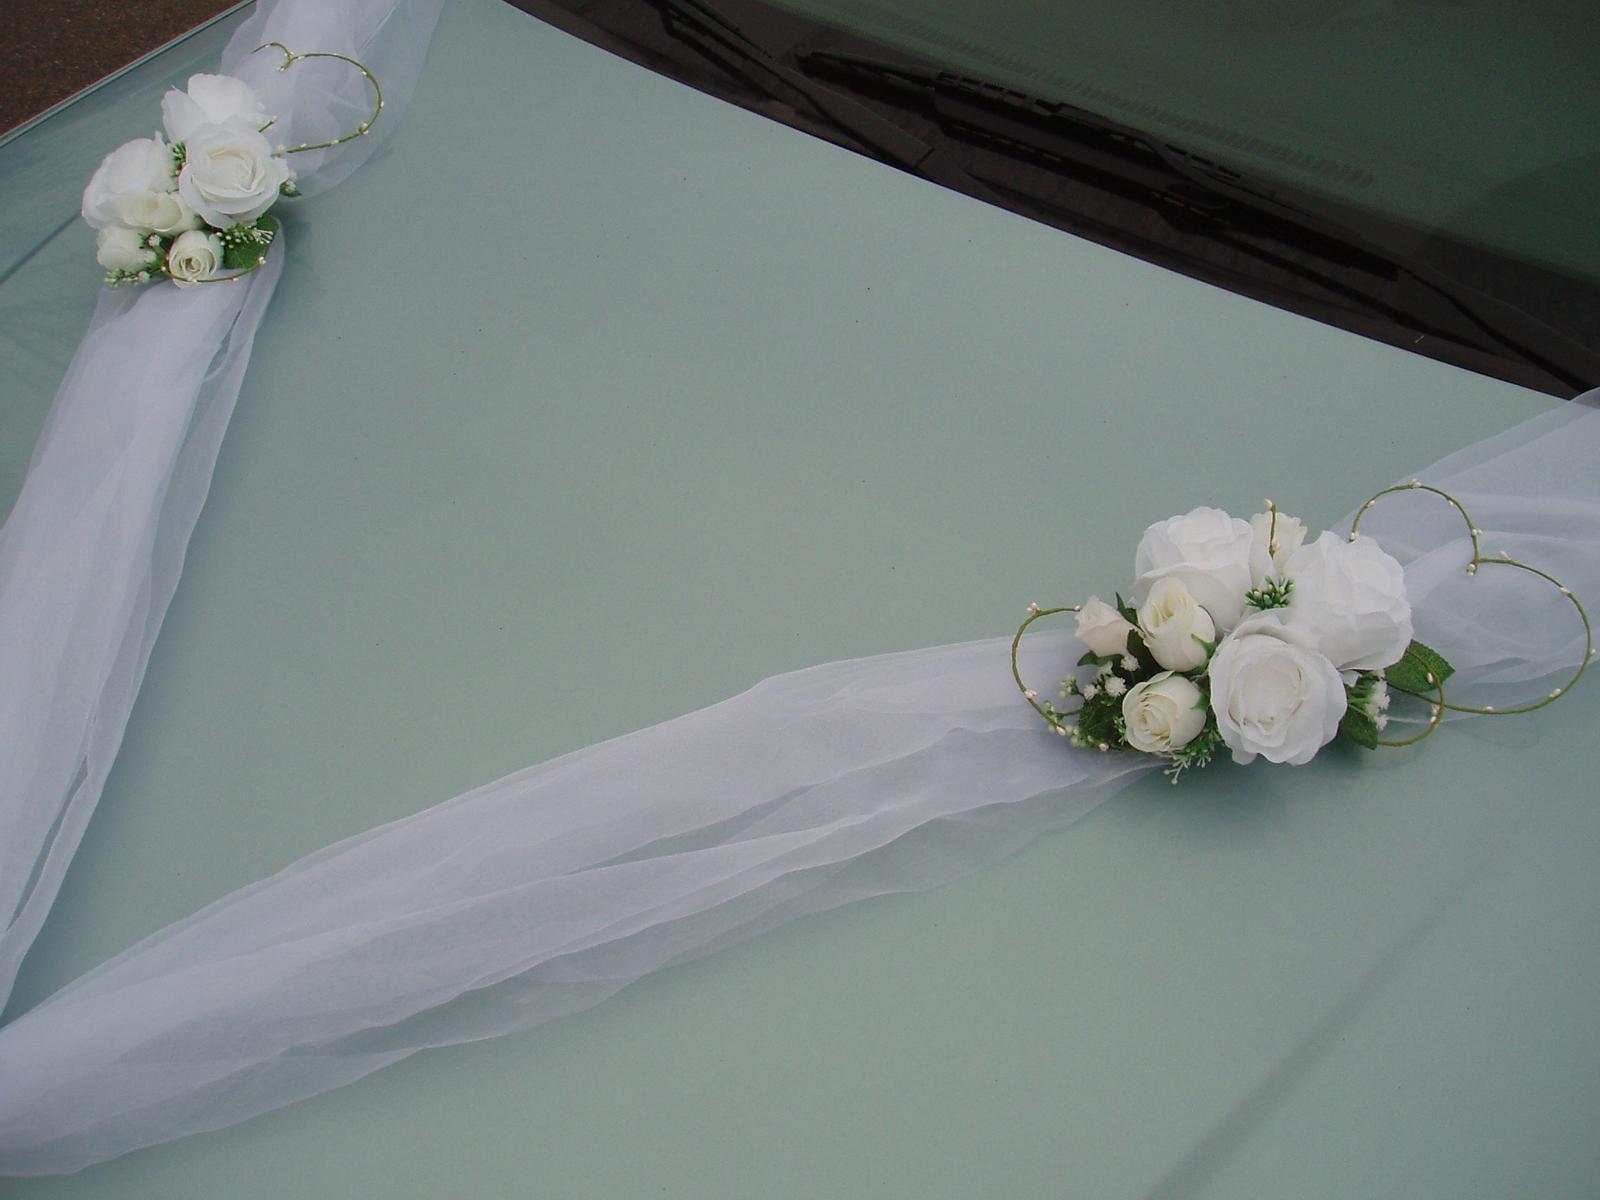 Svatební dekorace - bílá šerpa